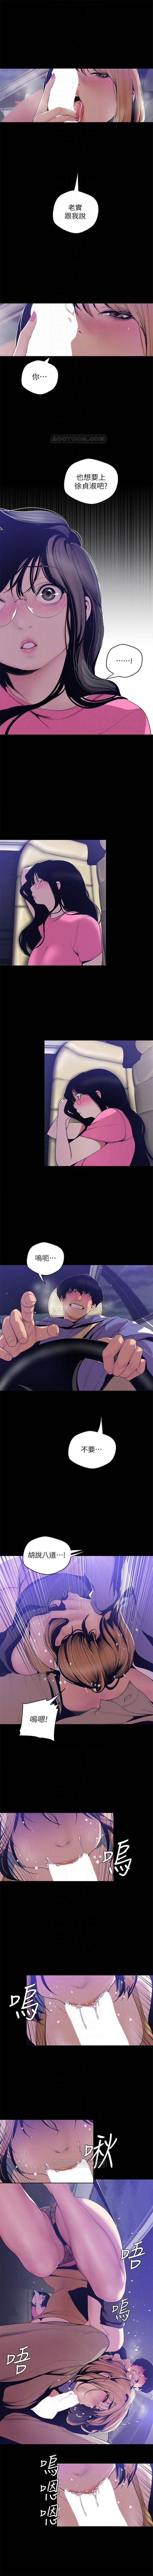 (週1)美麗新世界 1-70 中文翻譯 (更新中) 498